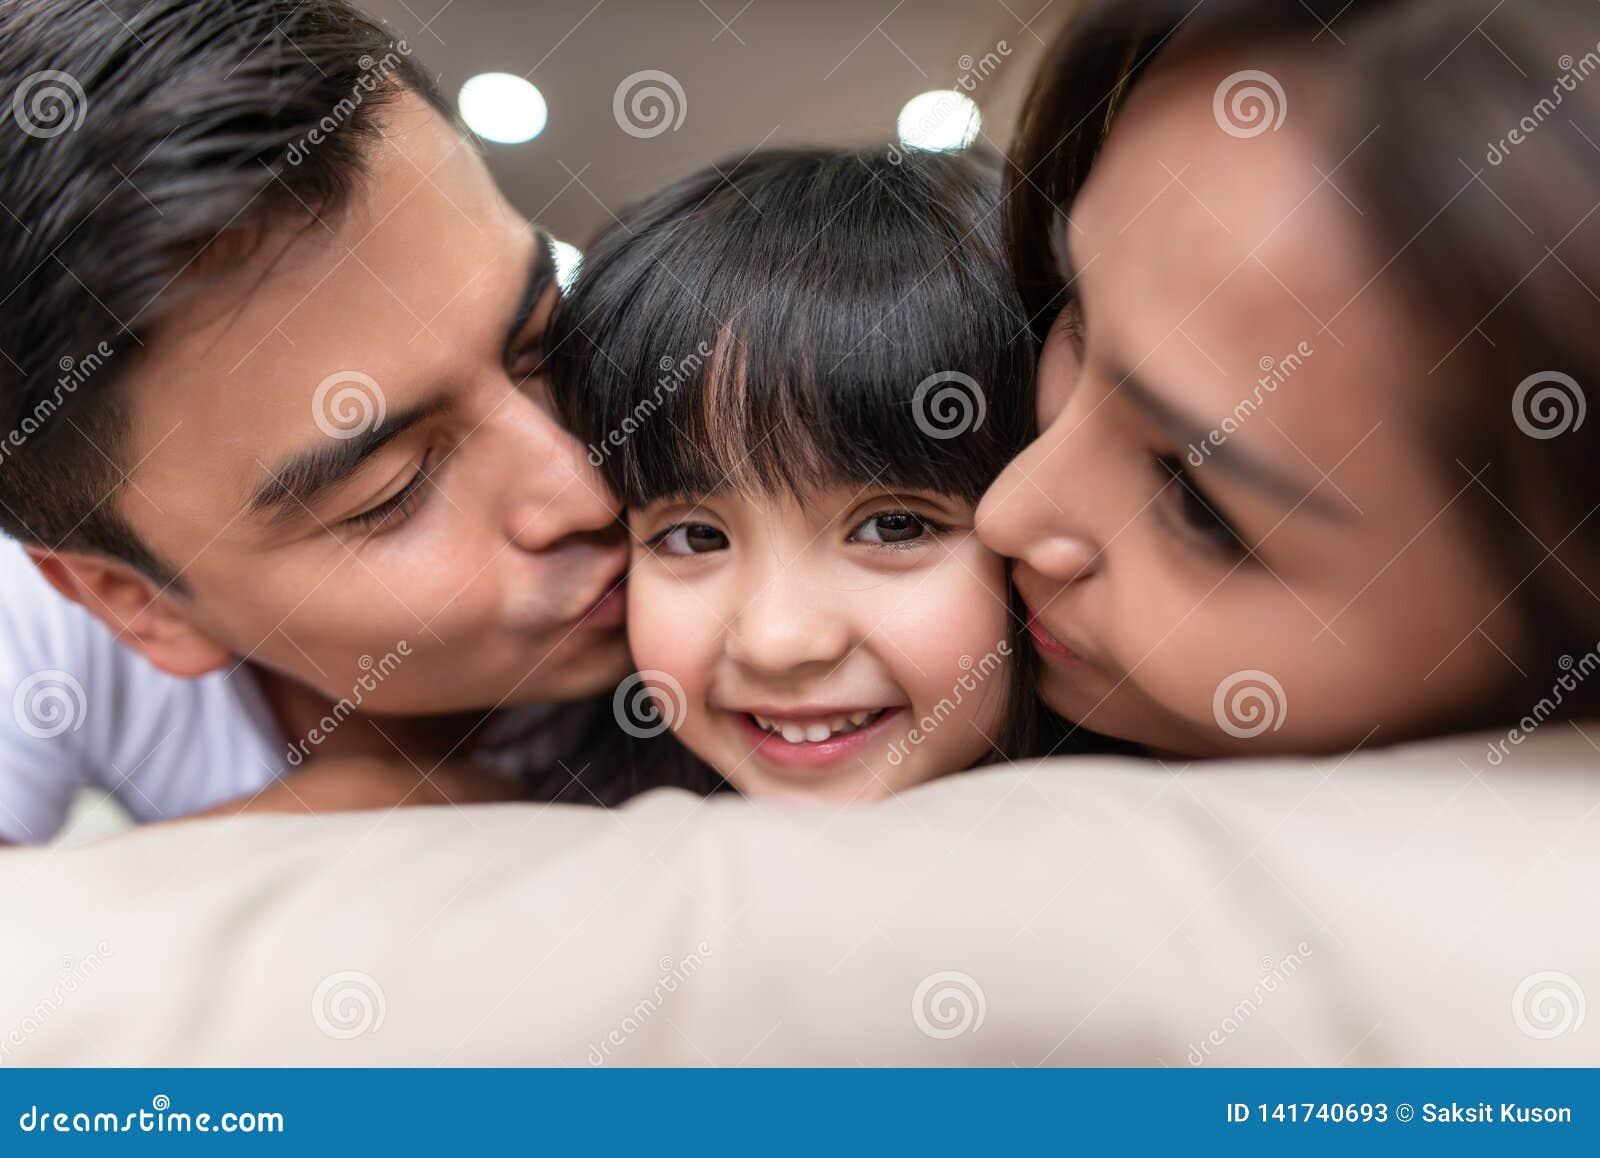 Ασιατικοί γονείς που φιλούν τη μικρή κόρη τους και στα δύο μάγουλα